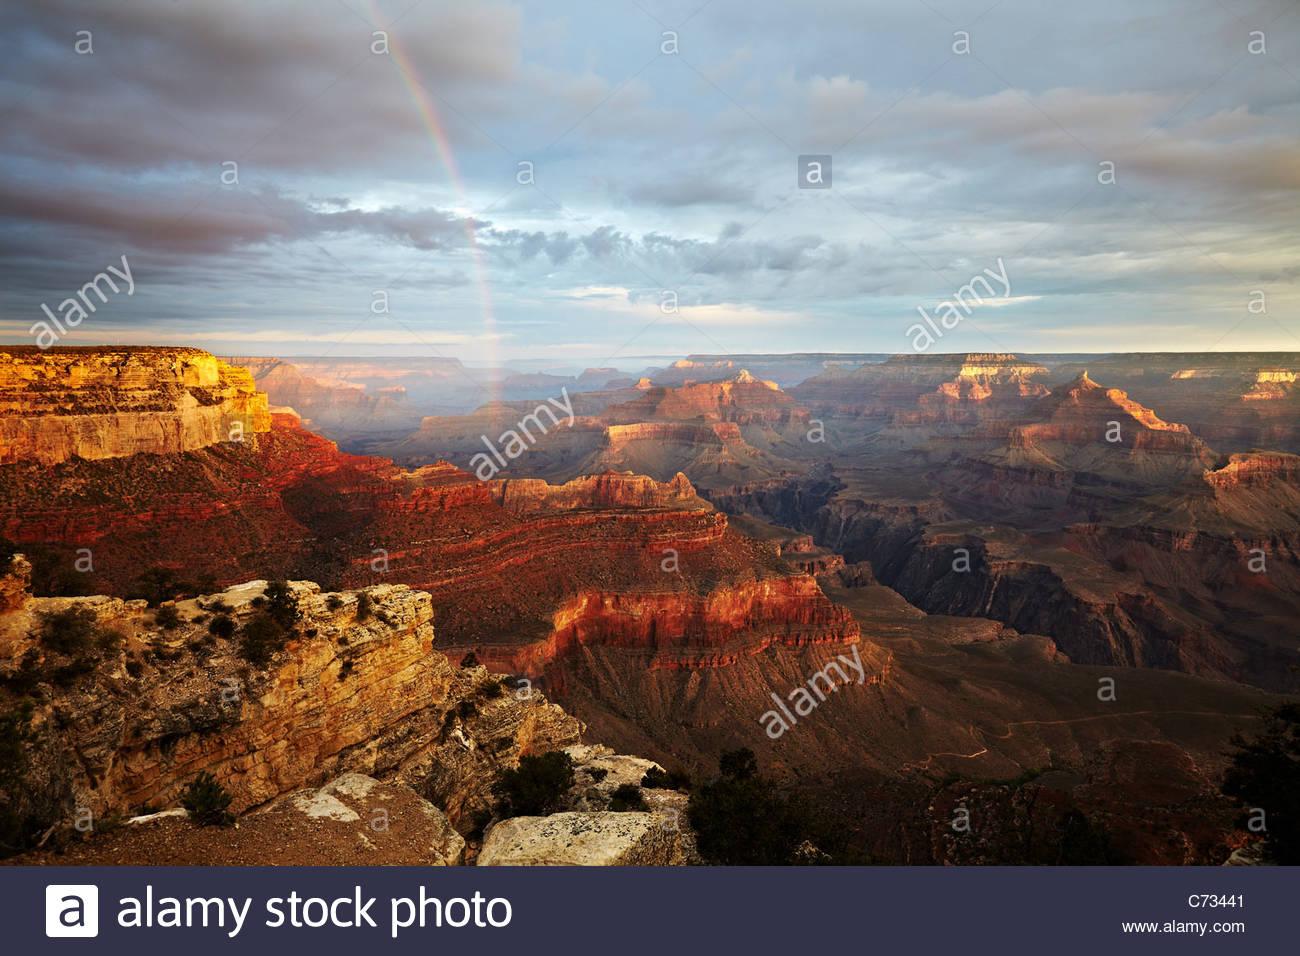 Sonnenaufgang, Morgenlicht und Regenbogen über den Grand Canyon, Arizona, USA Stockbild